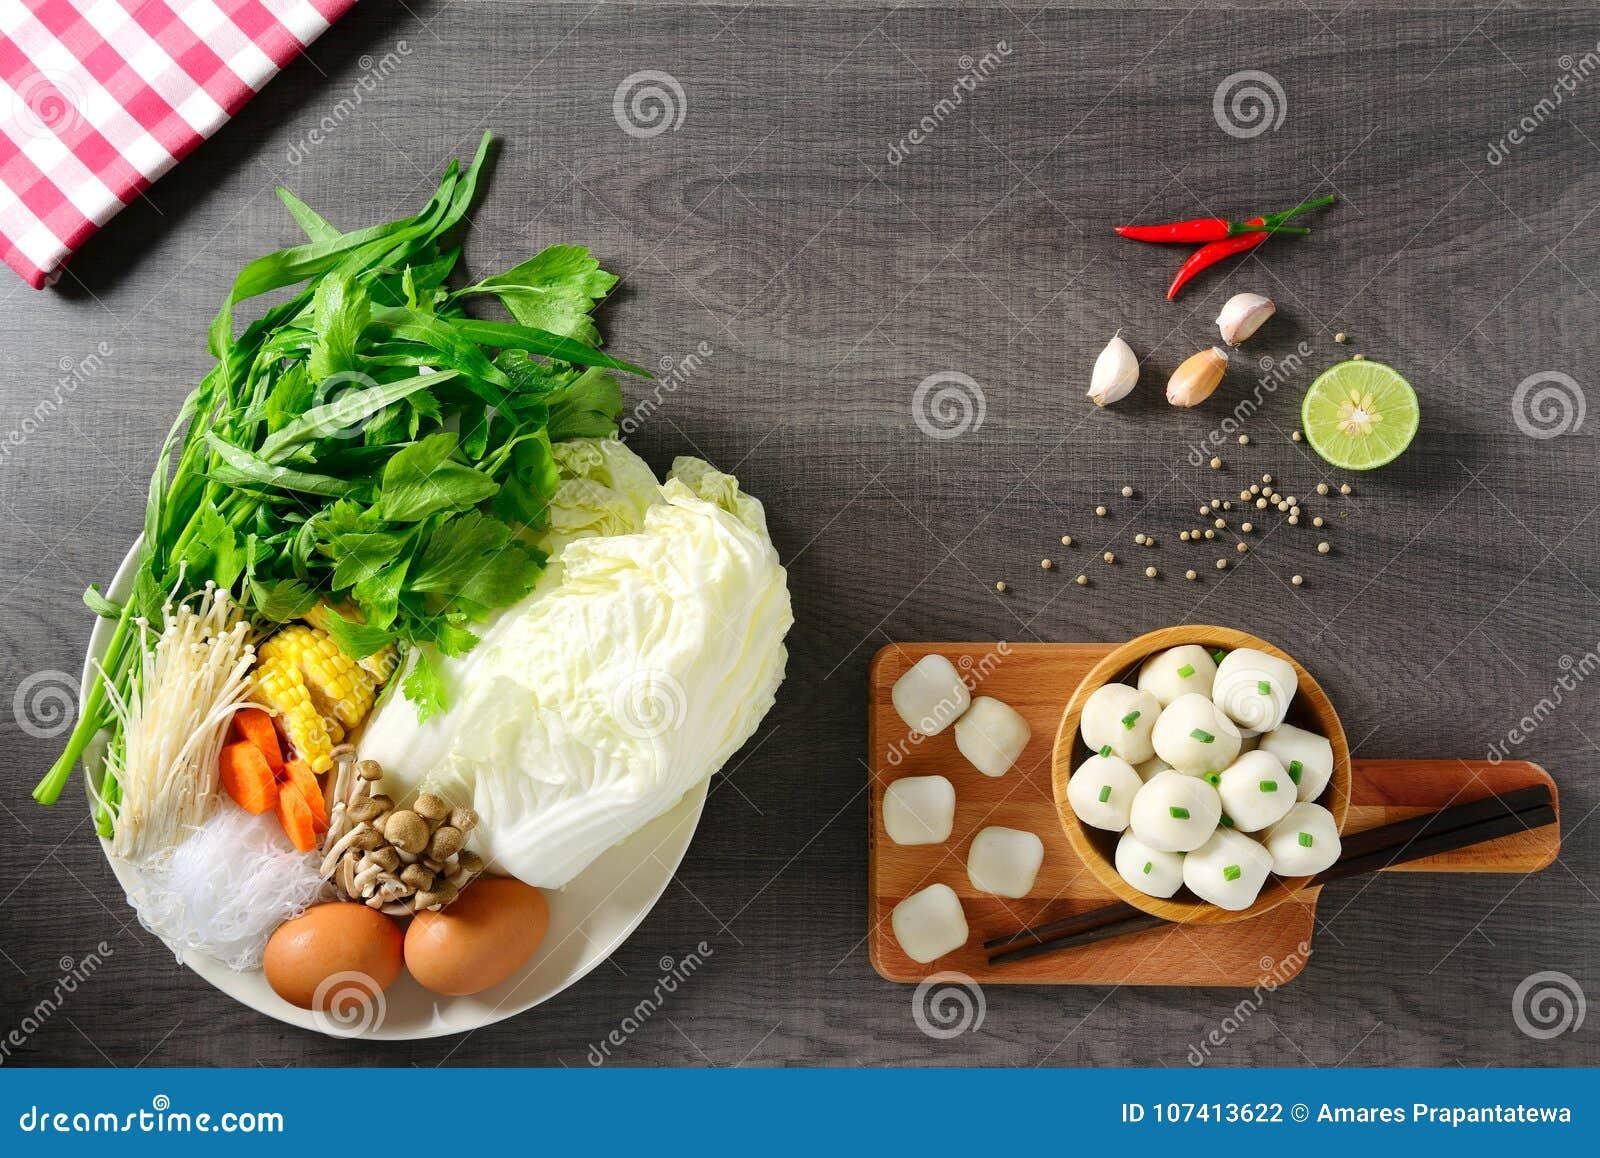 Beiträge zu thailändischem Lebensmittel, Kalk, Paprika, Knoblauch und verschiedenes Gemüse, zwei Eier auf weißem Teller und Fisch